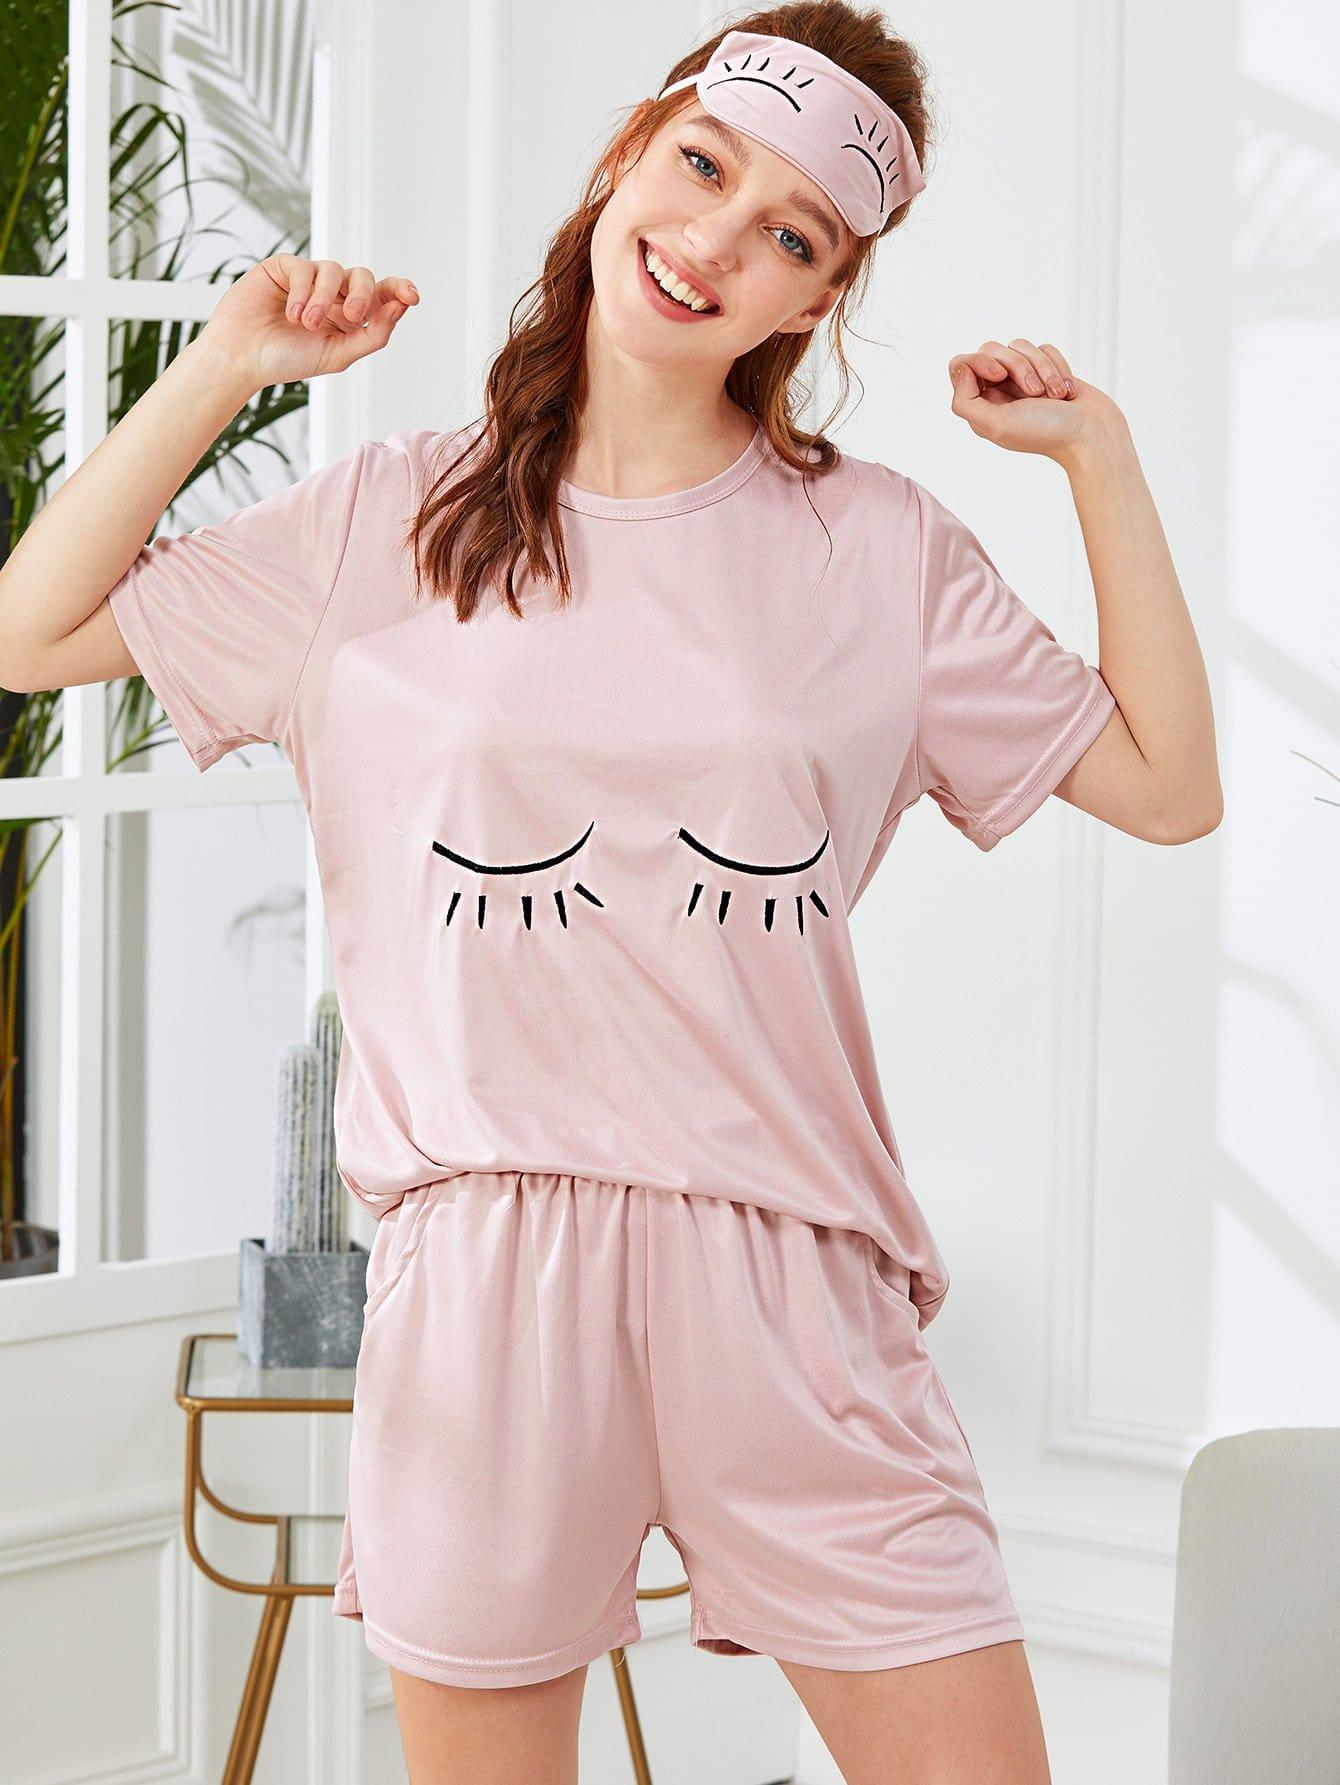 Купить Комплект пижамы топ с принтом глаза и шорты и маска на глаза, Poly, SheIn